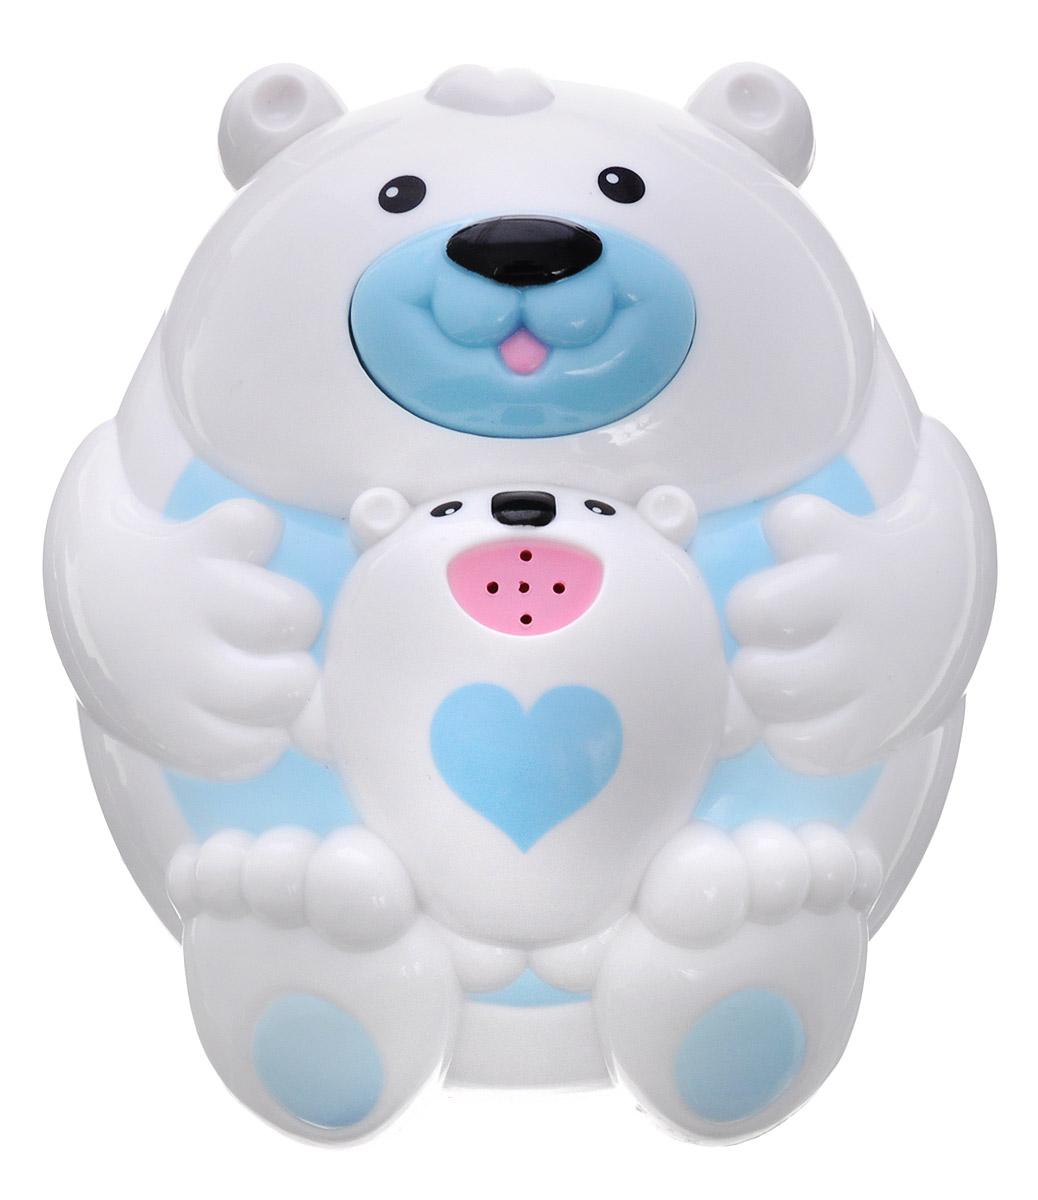 Alex Toys Игрушка для ванной Полярный медвежонок841BИгрушка для ванной Alex Toys Полярный медвежонок поможет увлечь ребенка в процессе купания, особенно если он боится воды. Игра в ванной - это не только весело, но и полезно. Игрушка выполнена в виде милого медвежонка с детенышем. Игрушка отлично держится на воде и может плавать в ванной, не боясь шампуней и погружений под воду. При нажатии на нос медведя игрушка выпускает фонтанчик воды. Эта замечательная игрушка поможет ребенку в игровой форме развить цветовое и звуковое восприятие, причинно- следственные связи и мелкую моторику рук. Для работы игрушки необходимо купить 2 батарейки типа ААА (не входят в комплект).